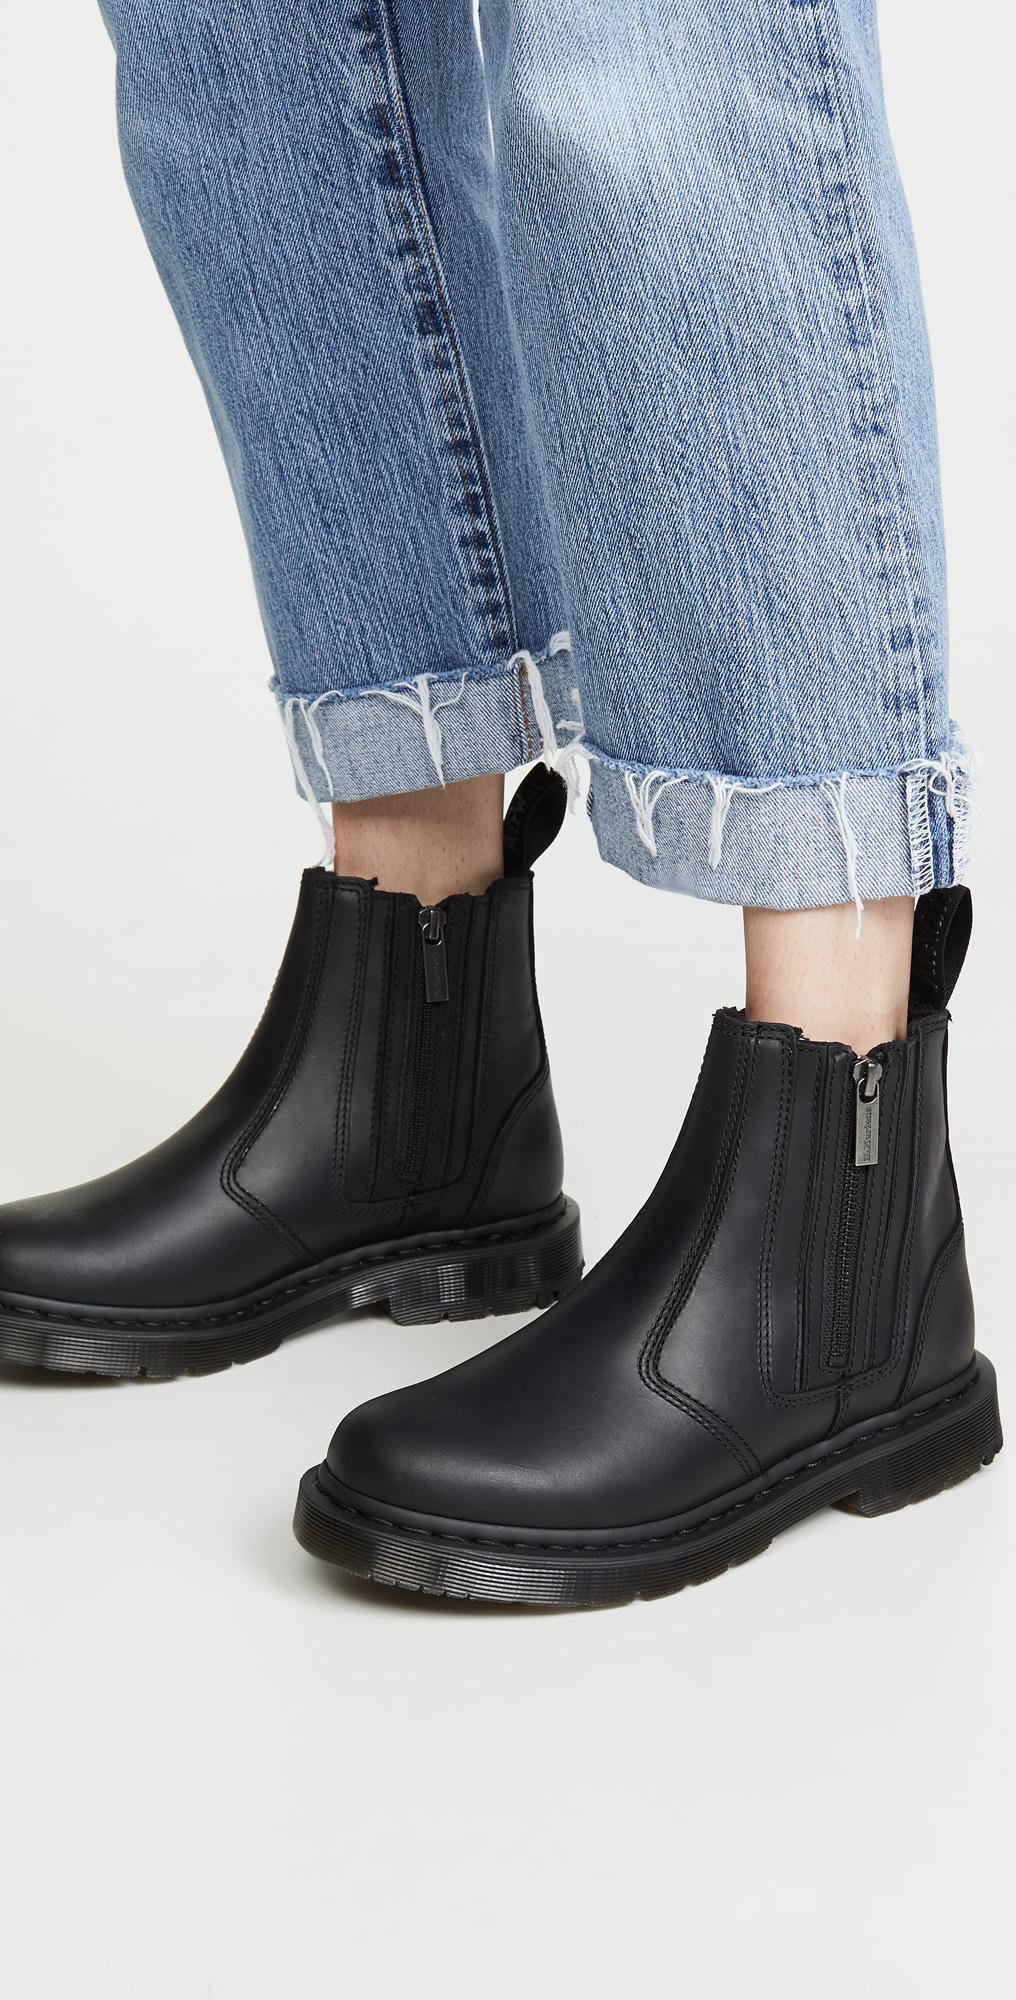 Dr. Martens 2976 Alyson Chelsea Boots